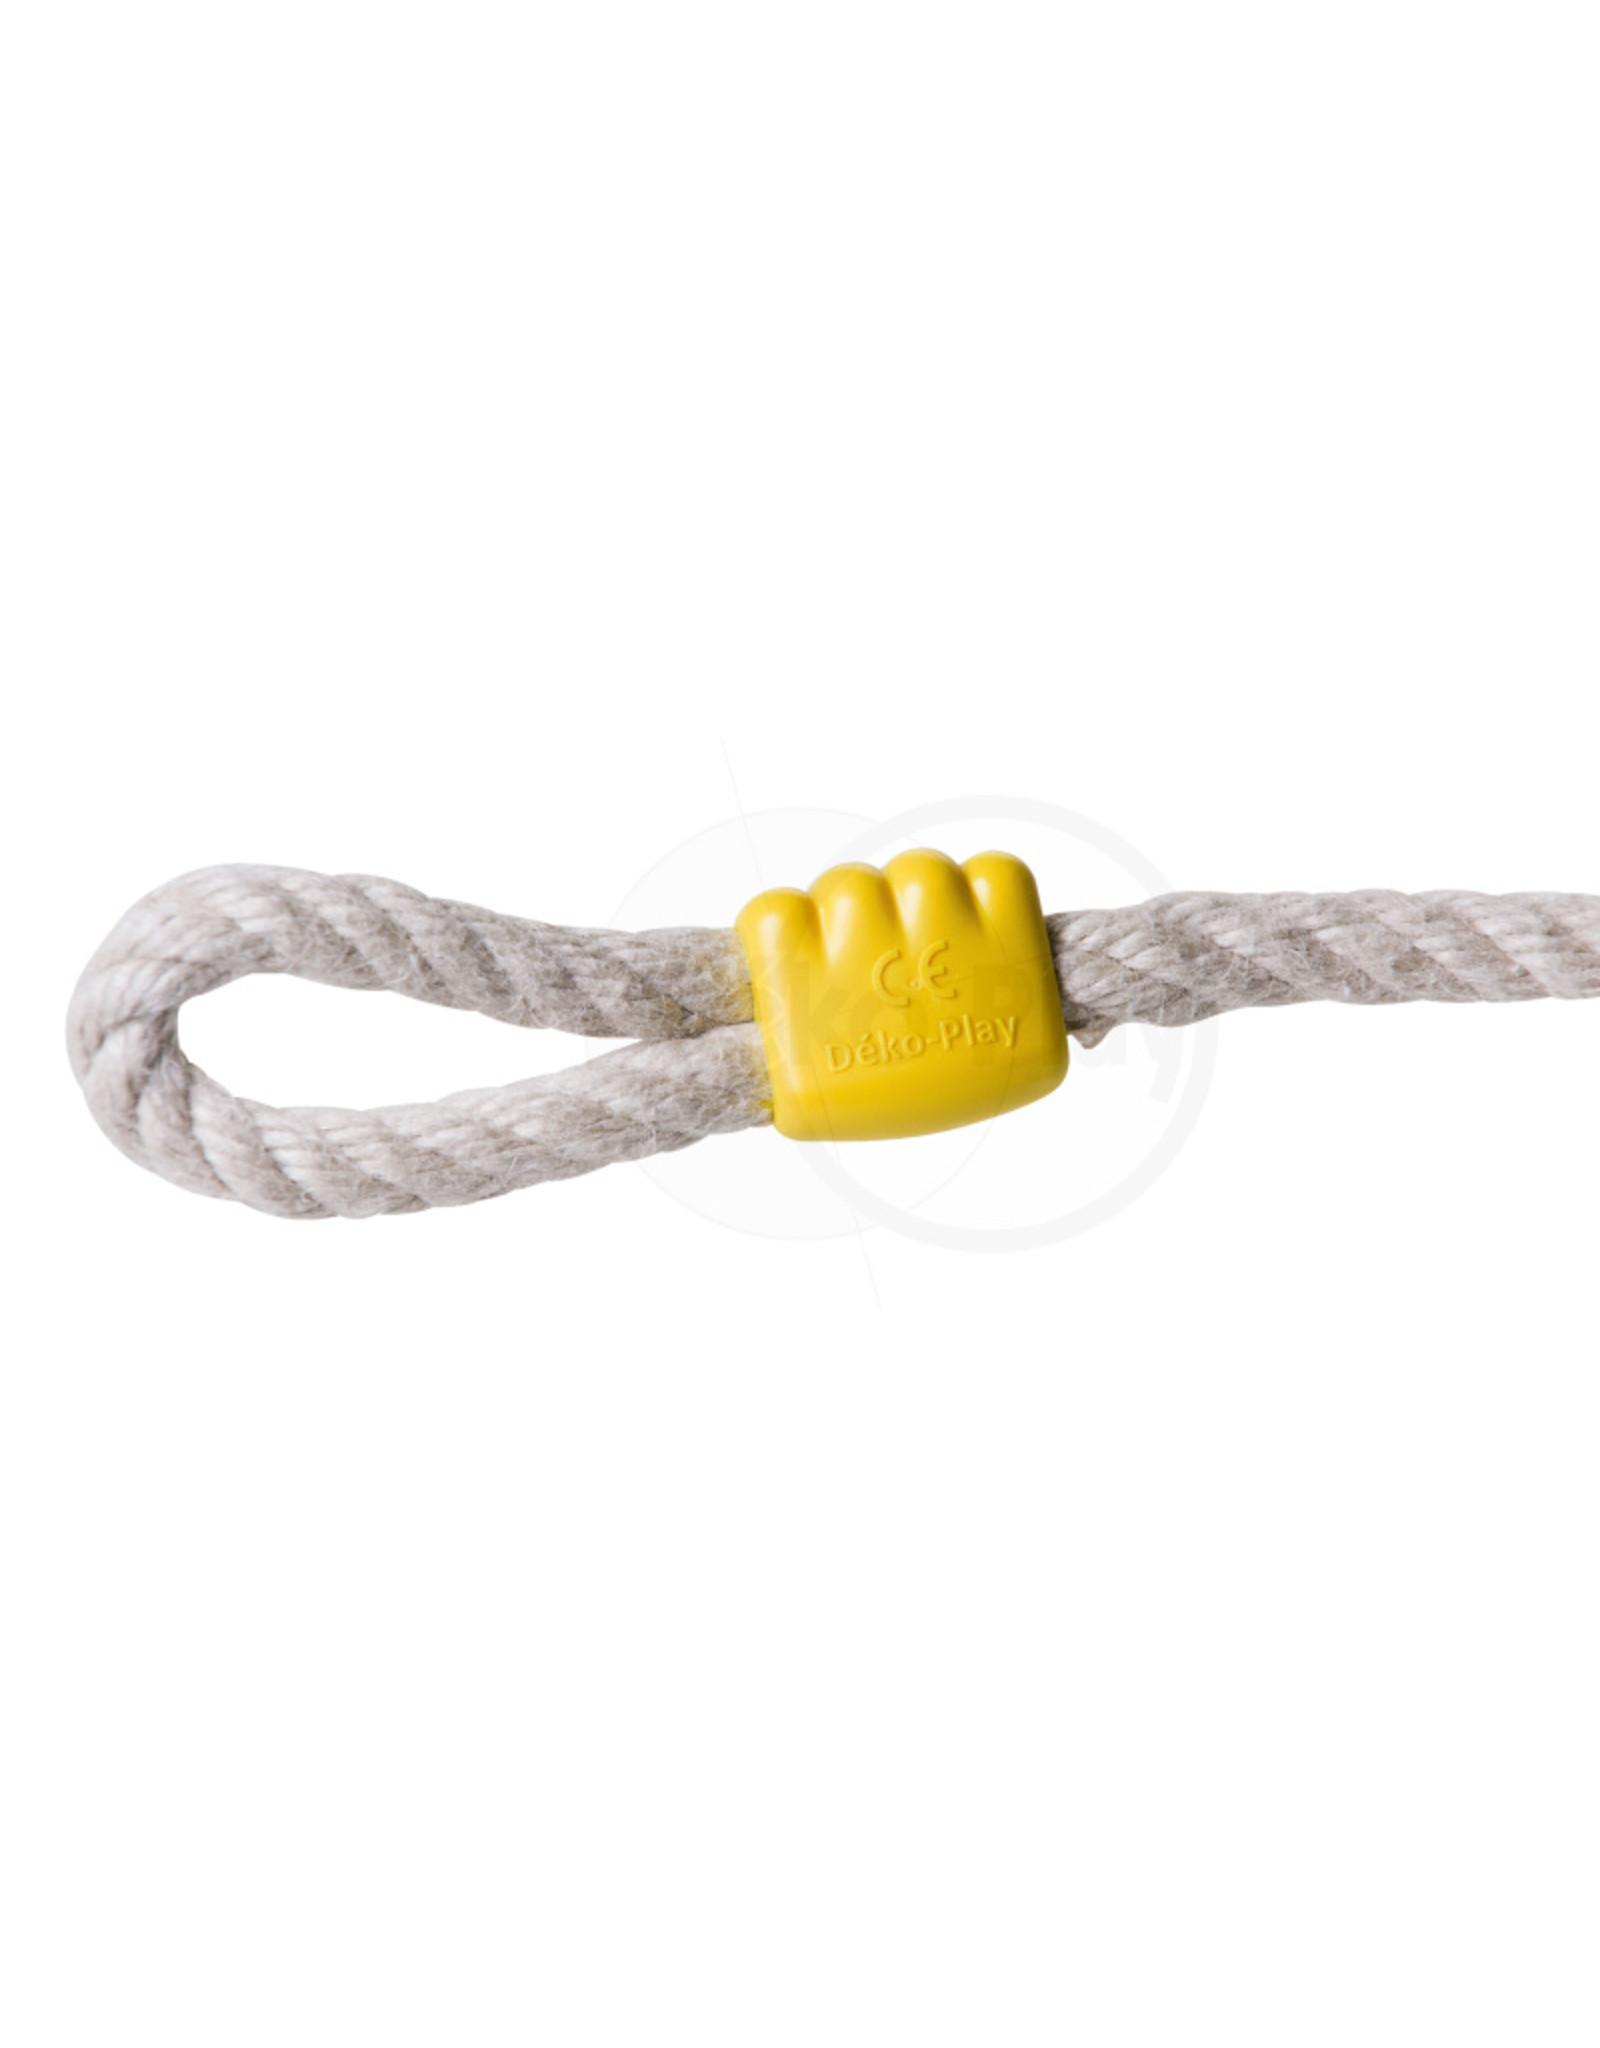 Déko-Play Déko-Play schommelzitje flexibel kunststof geel